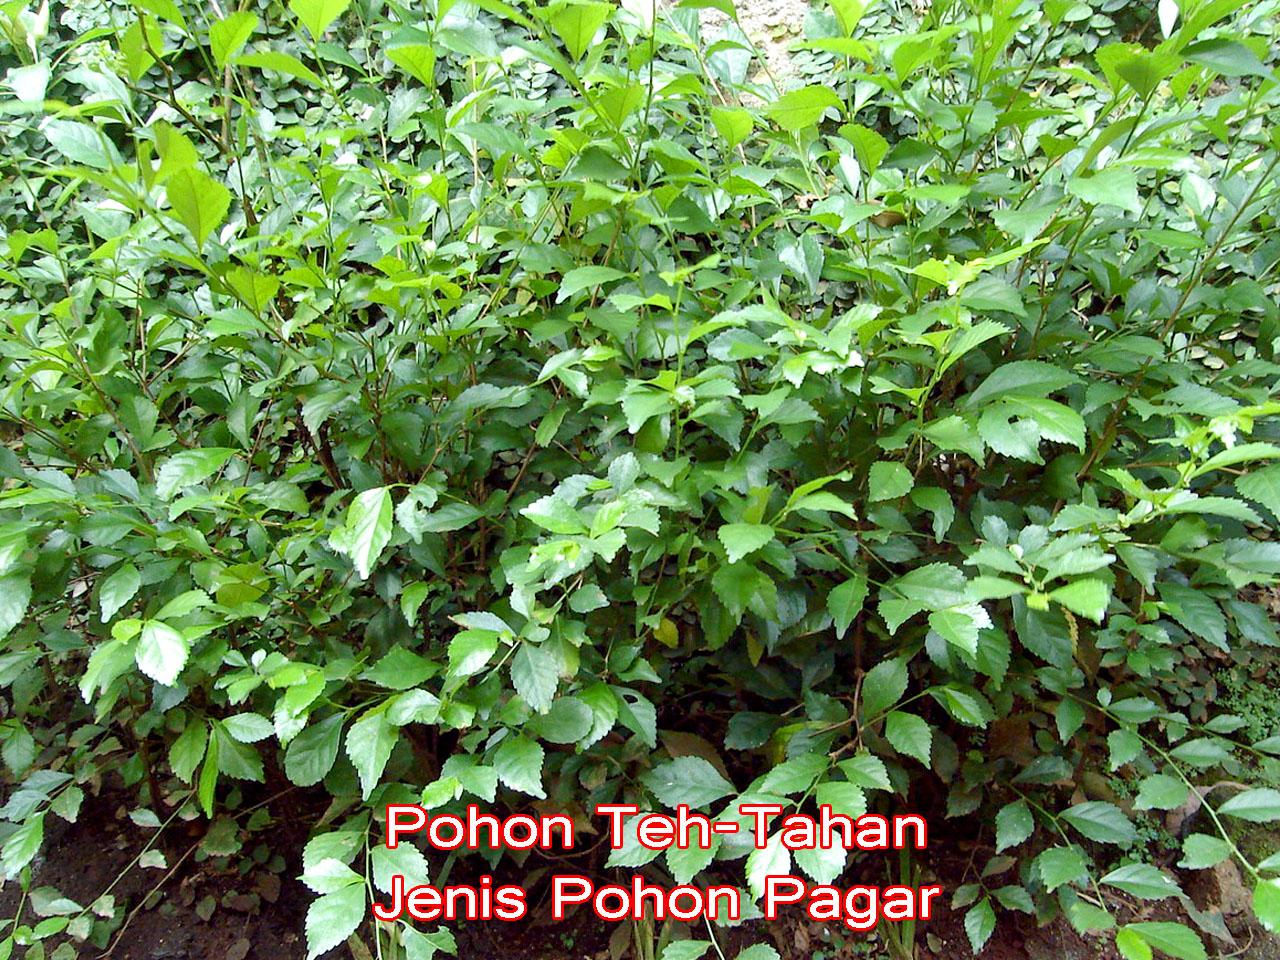 Jual pohon teh tehan jenis pohon pagar